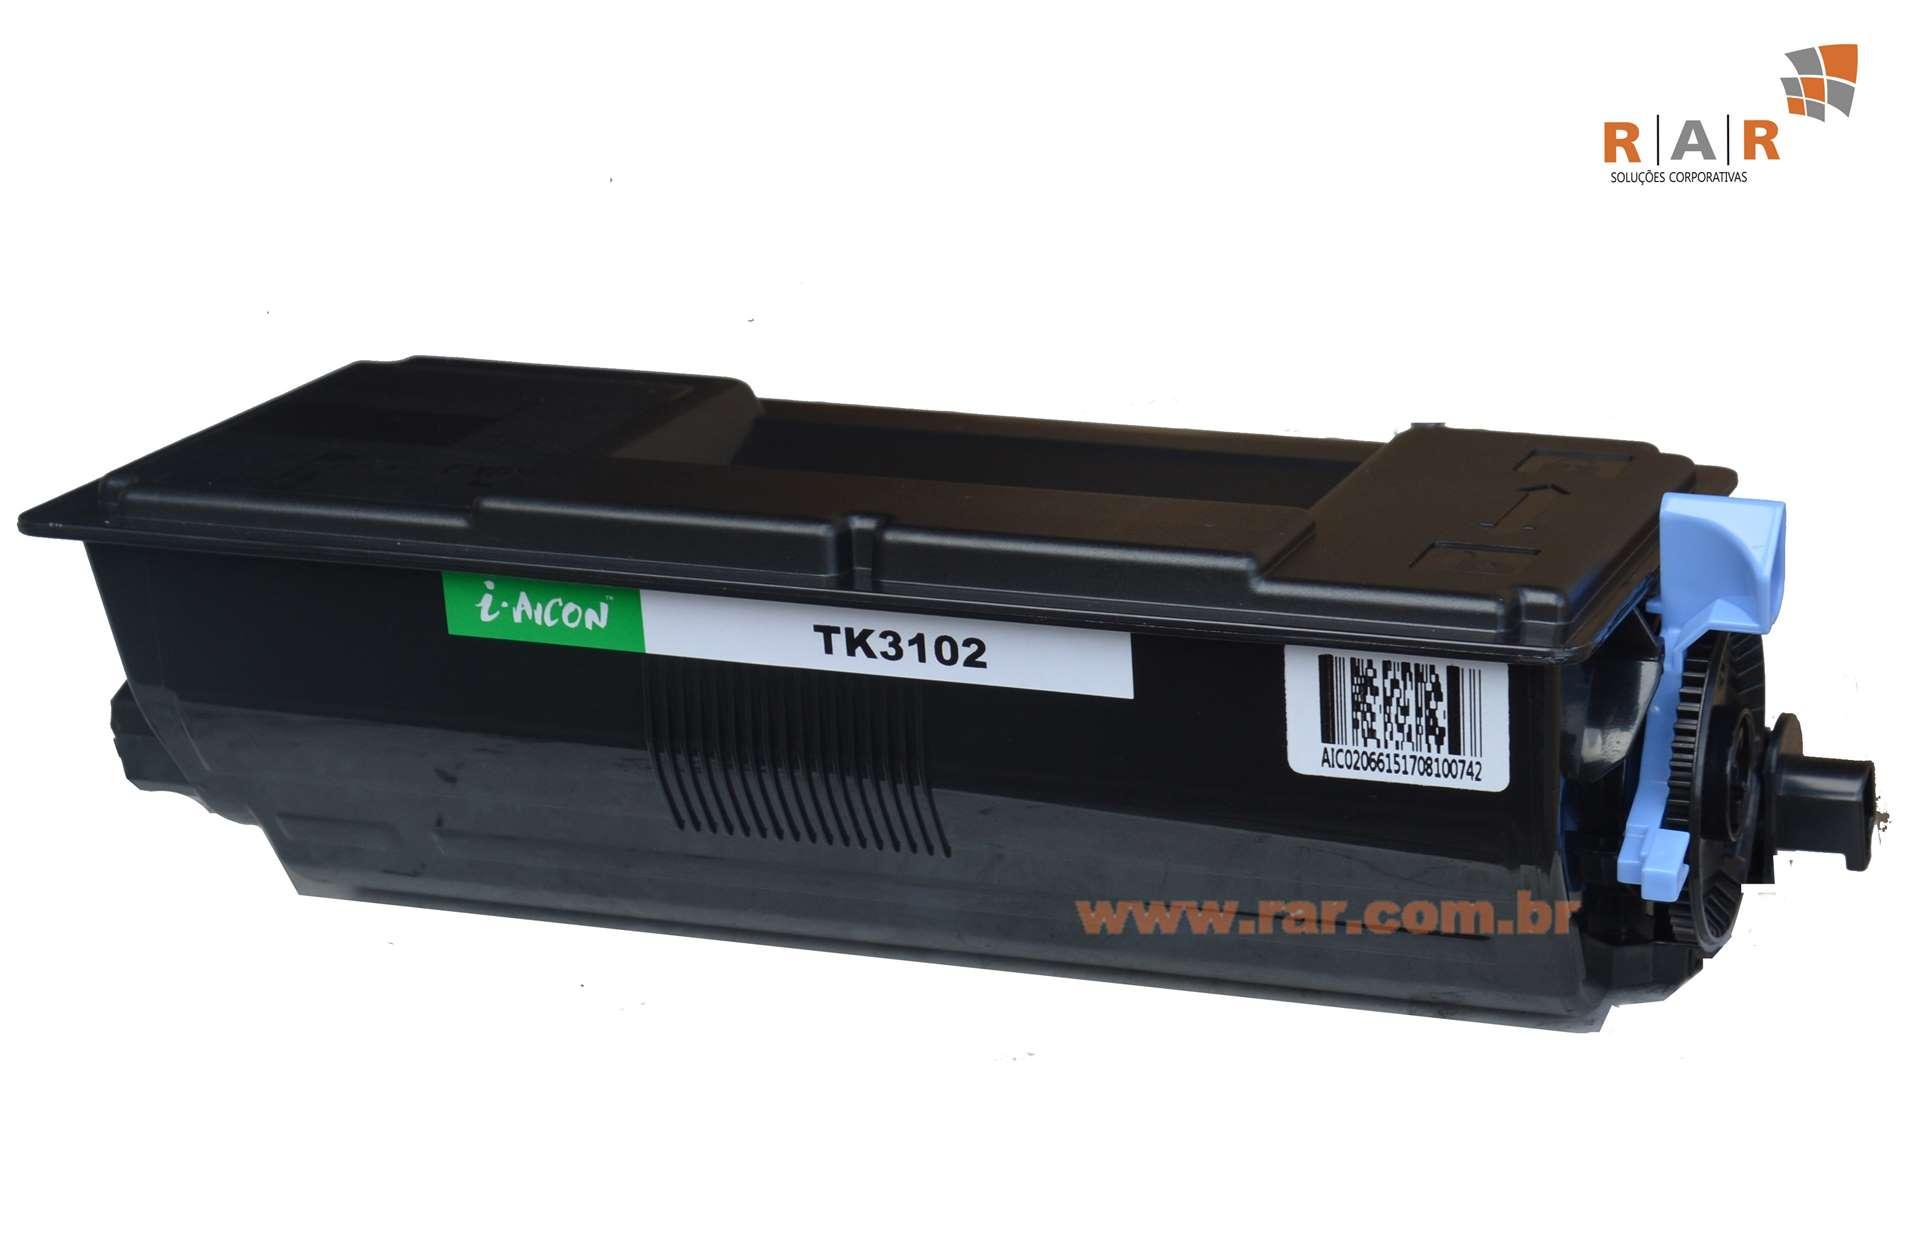 TK3102 (TK-3102) CARTUCHO DE TONER PRETO COMPATÍVEL NOVO PARA KYOCERA ECOSYS M-3040IDN E SERIES